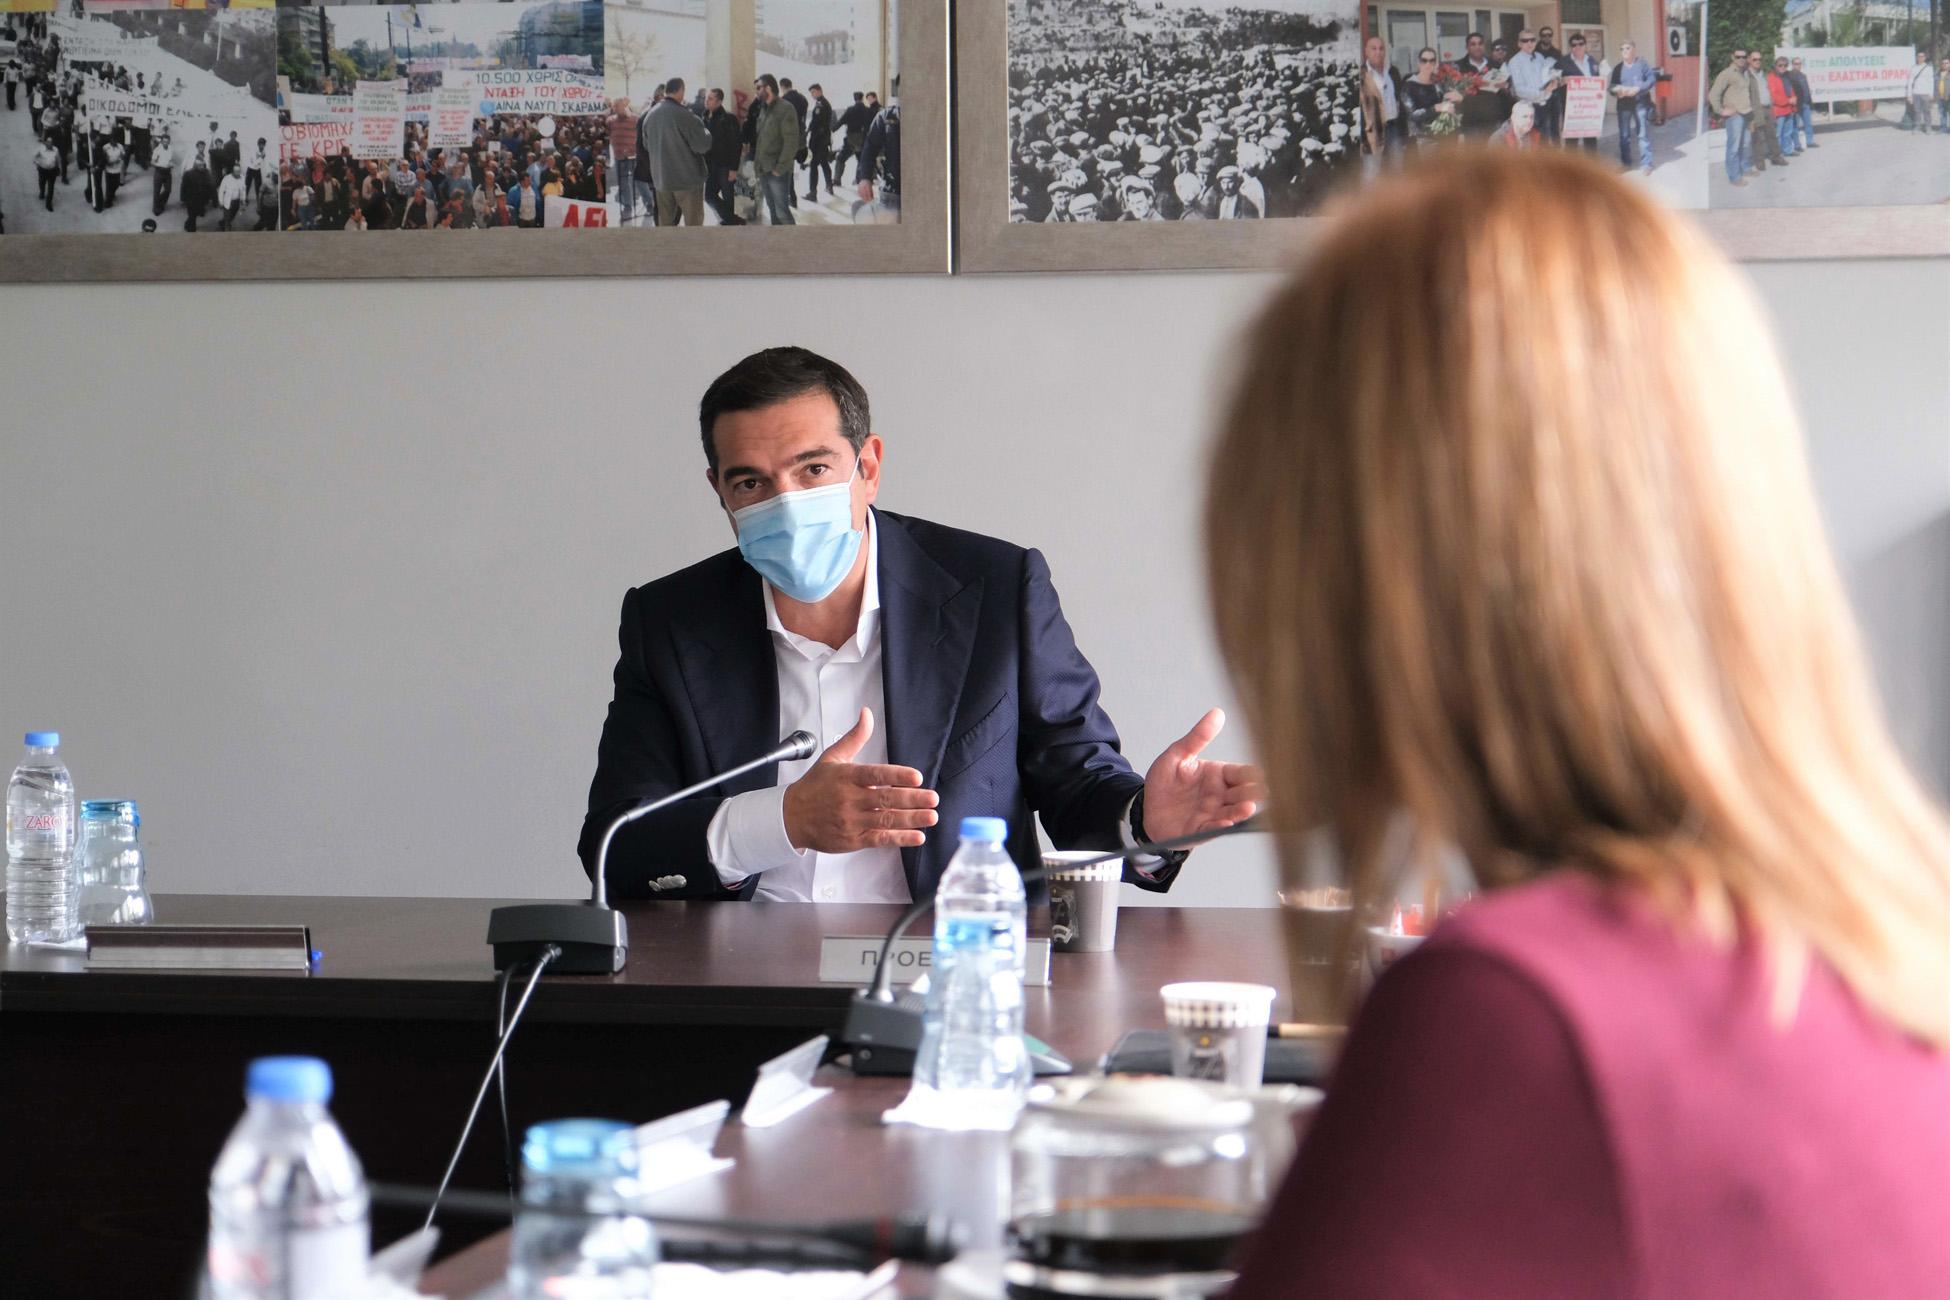 Τσίπρας: Εγκληματική αδιαφορία και διαχειριστική ανικανότητα της κυβέρνησης στην πανδημία